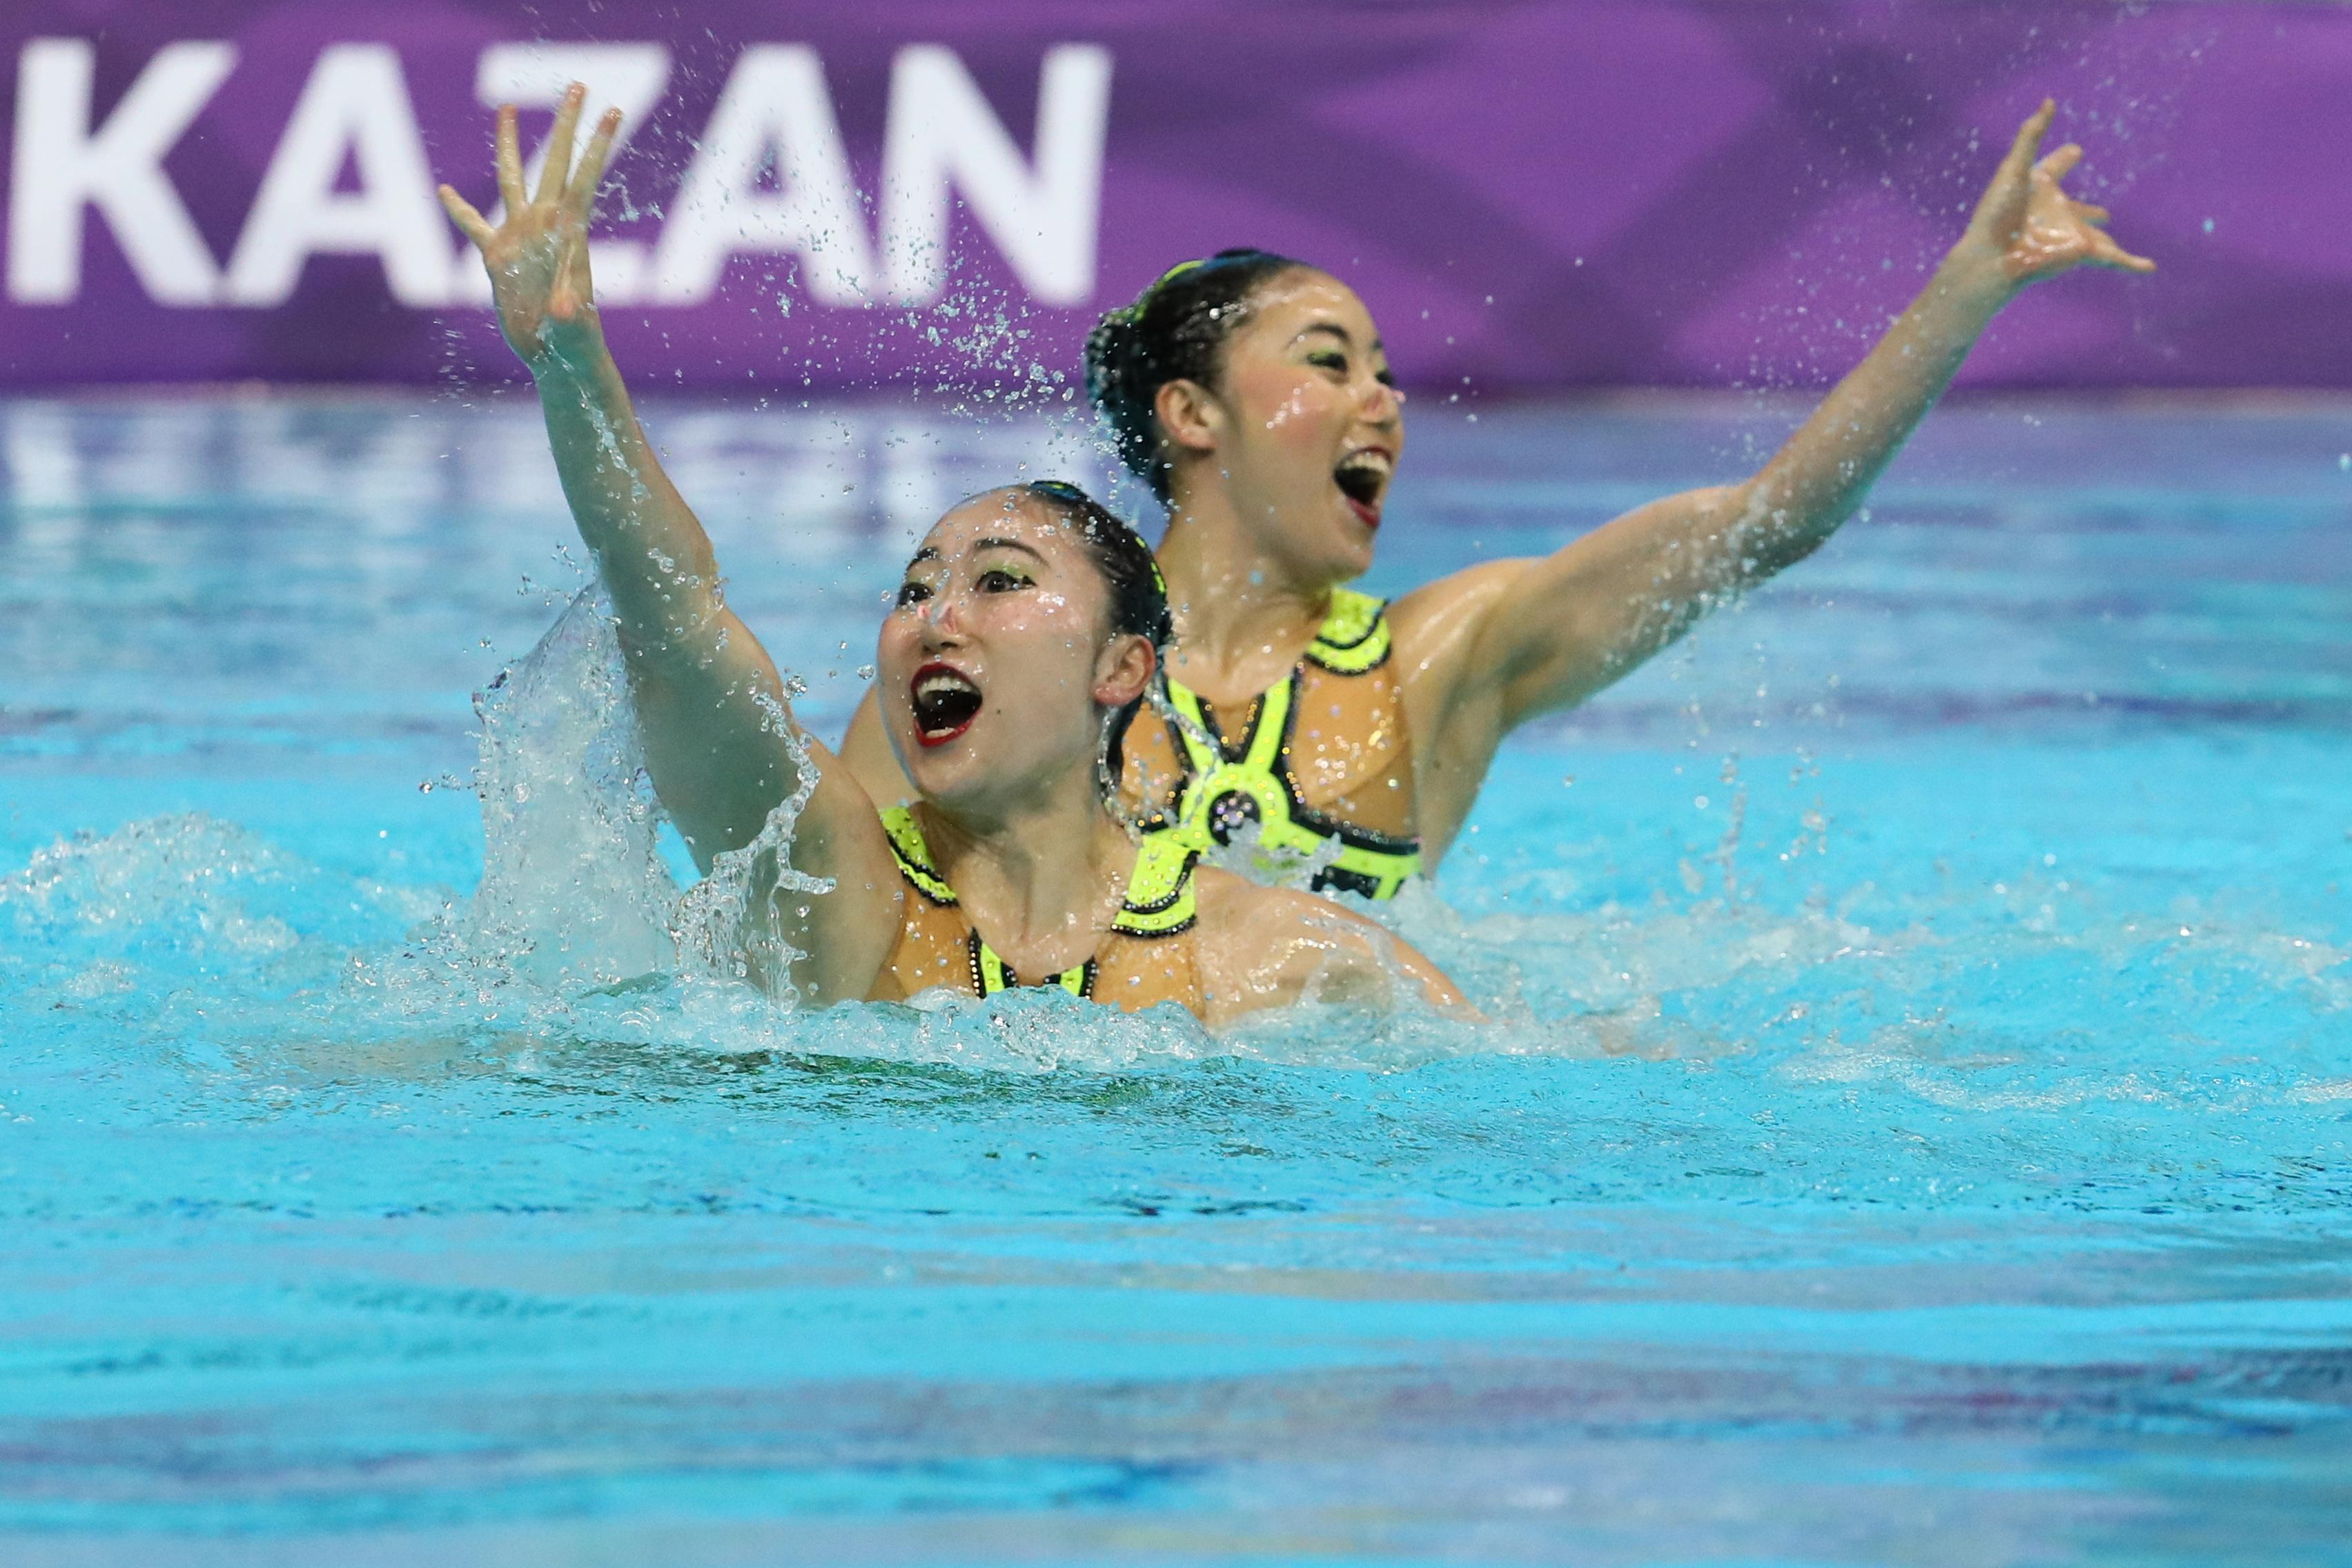 Дуэт из Японии победил на этапе Мировой серии по синхронному плаванию в Казани